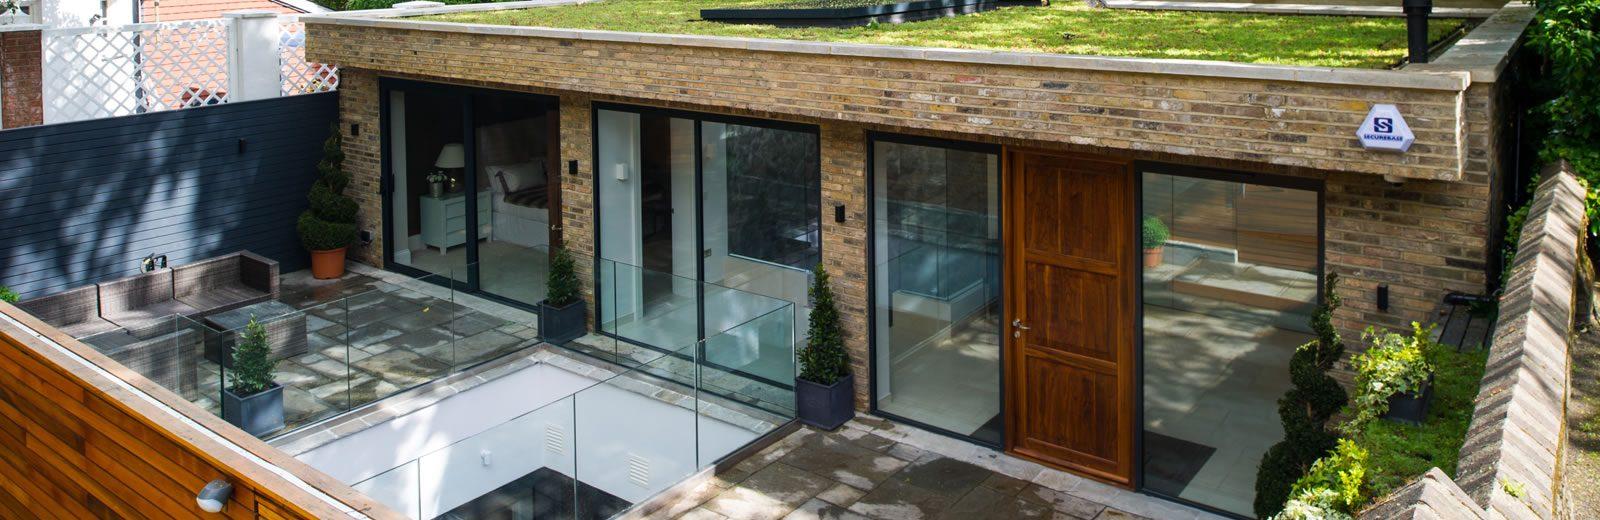 Minoli Projects - Hampstead, London